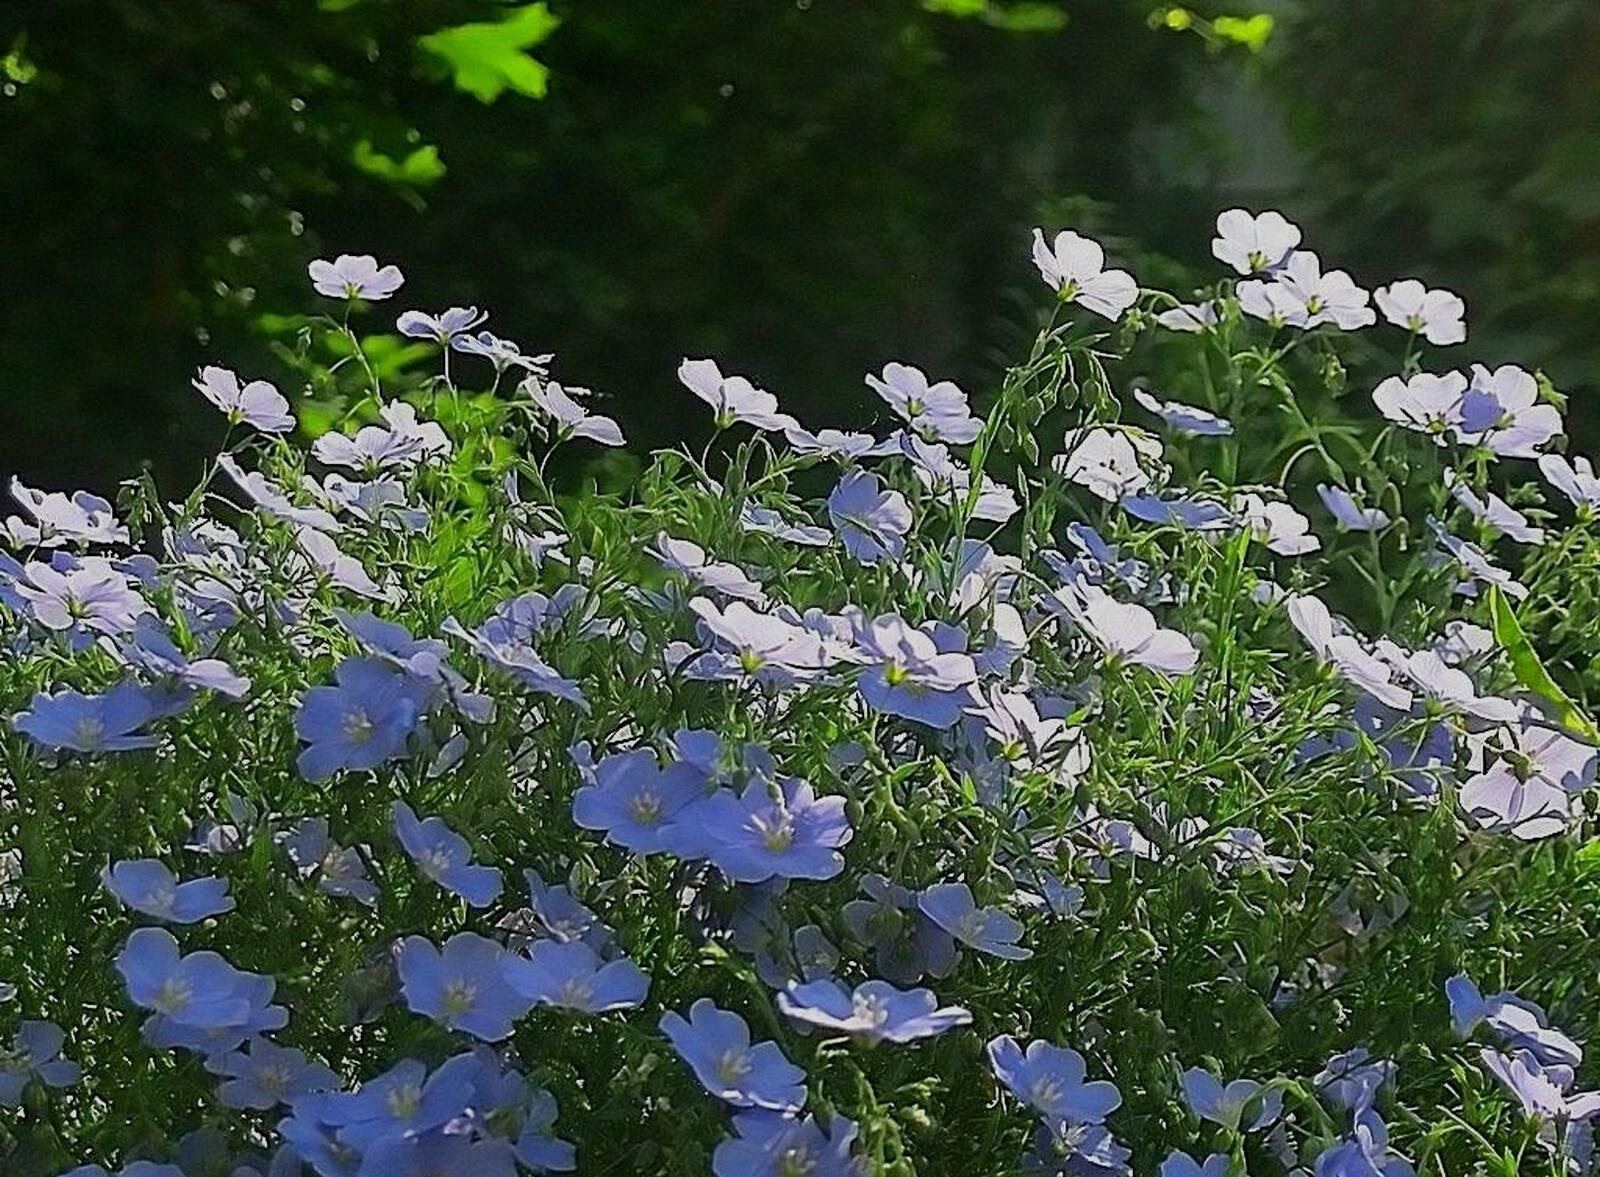 синие цветы лен